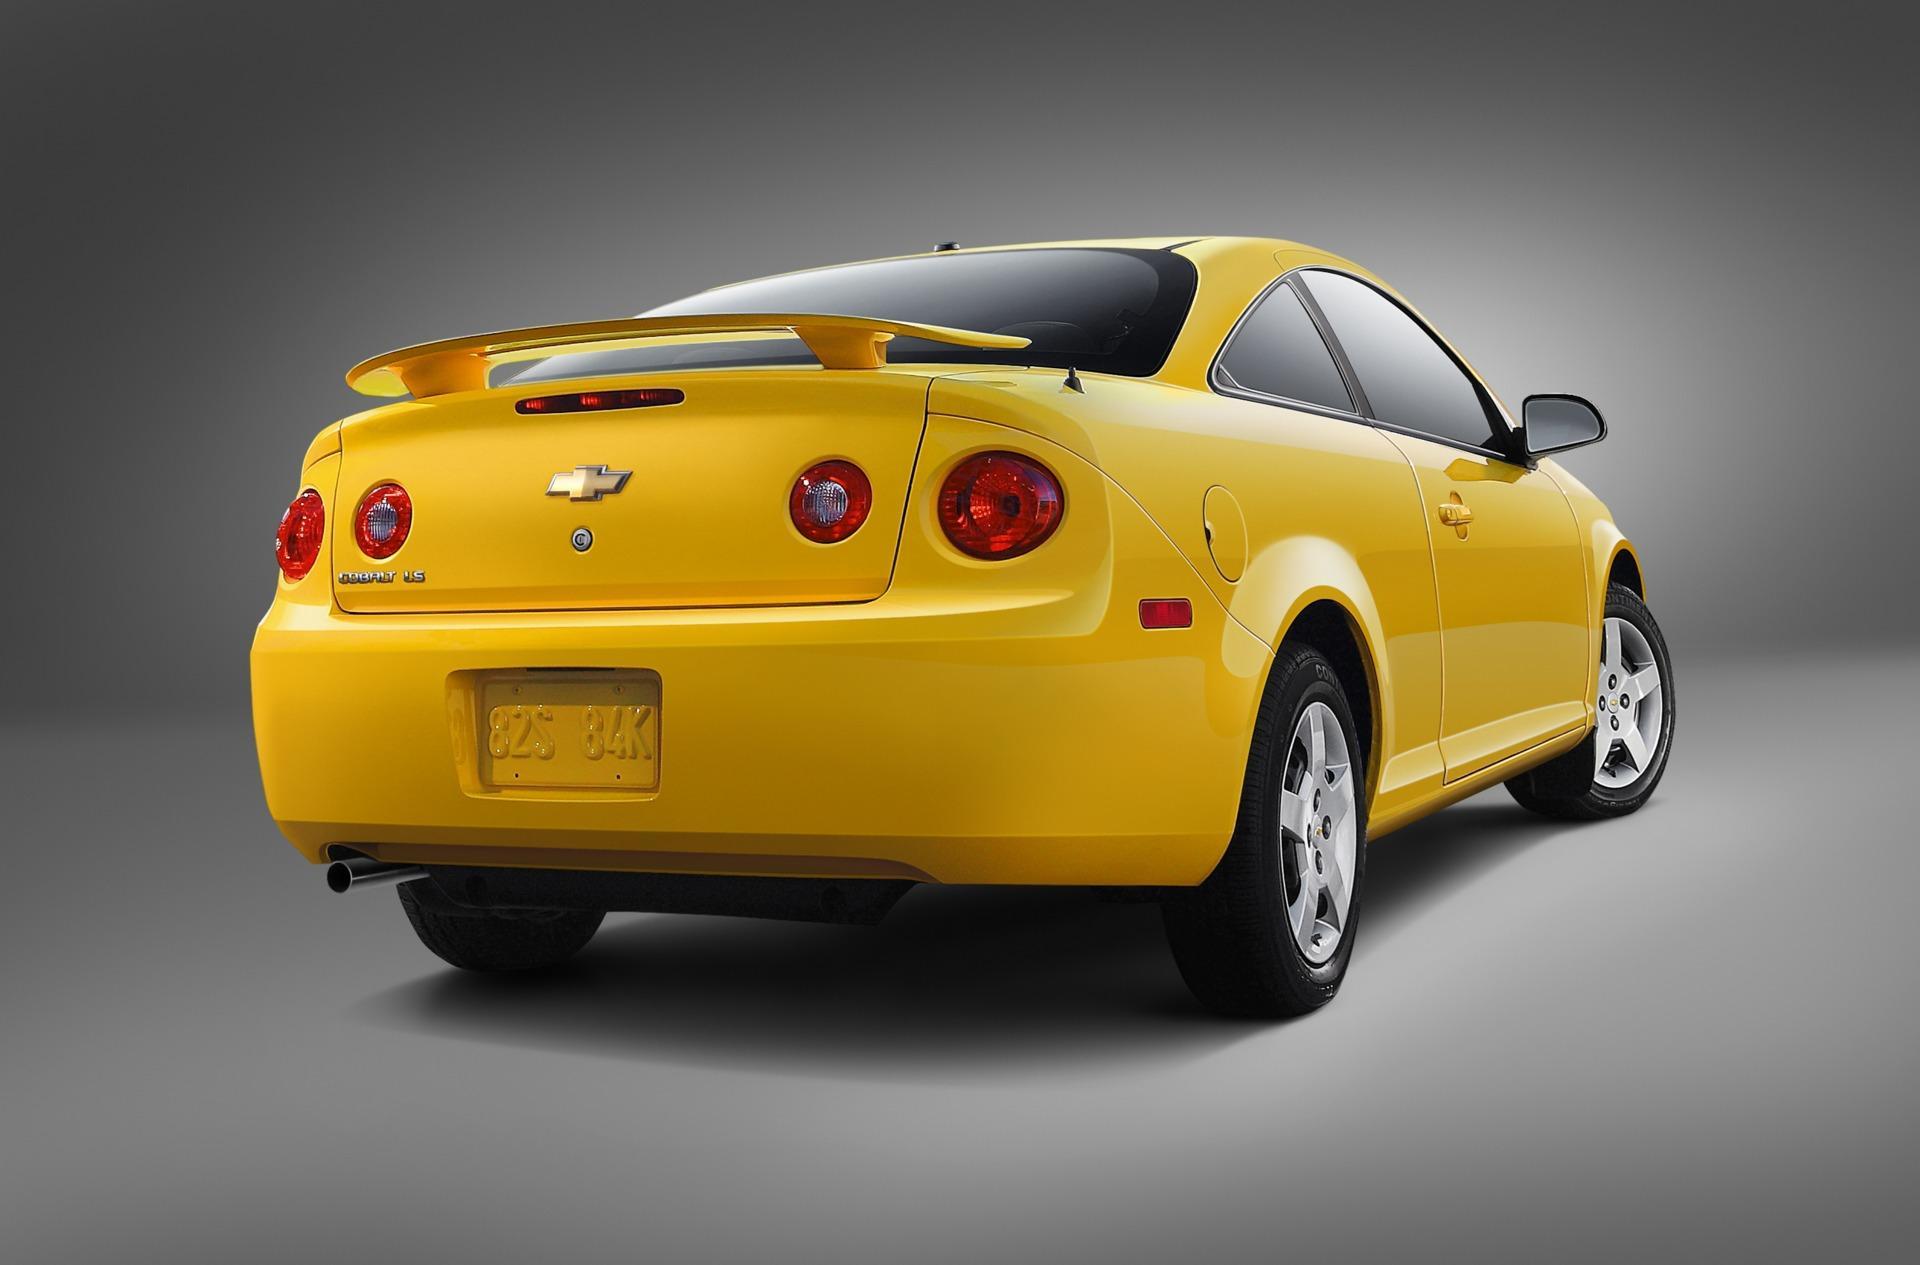 2009 Chevrolet Cobalt News and Information - conceptcarz.com